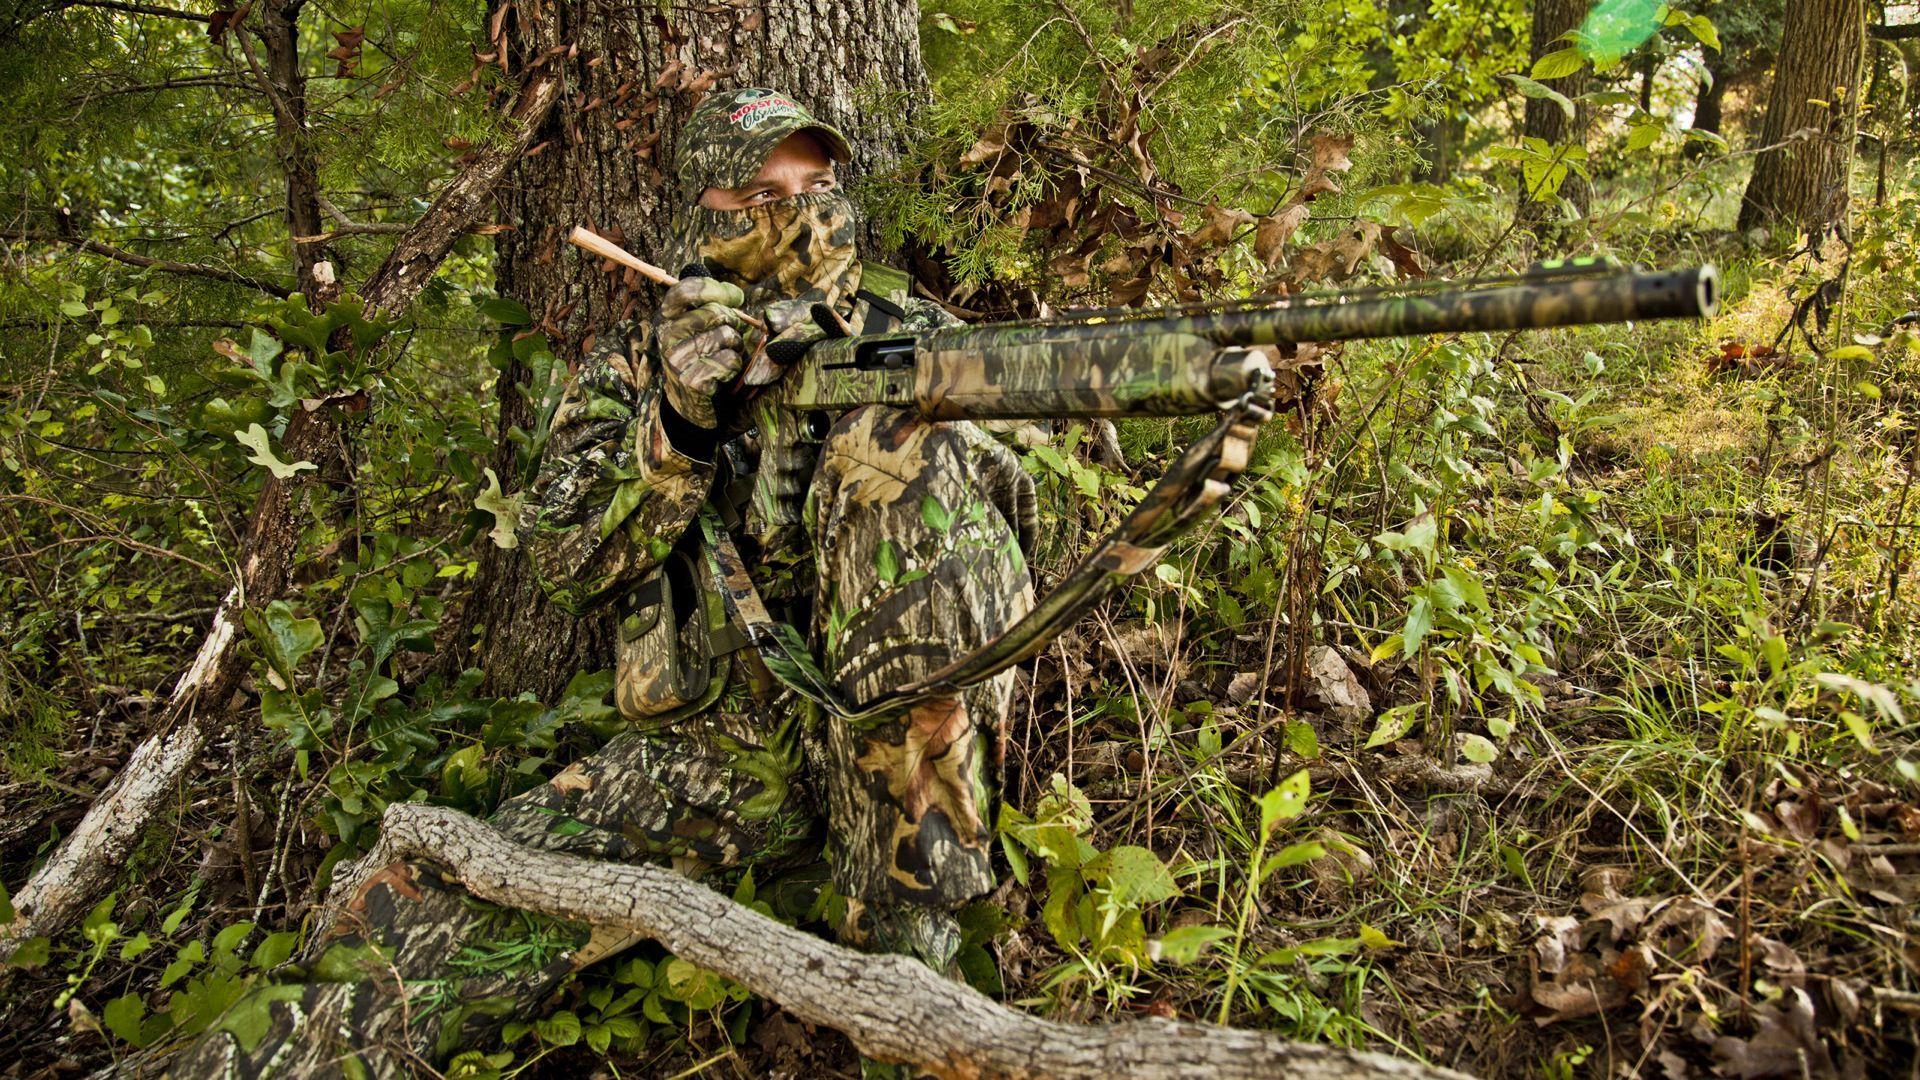 Turkey Hunting Wallpaper Mossy Oak